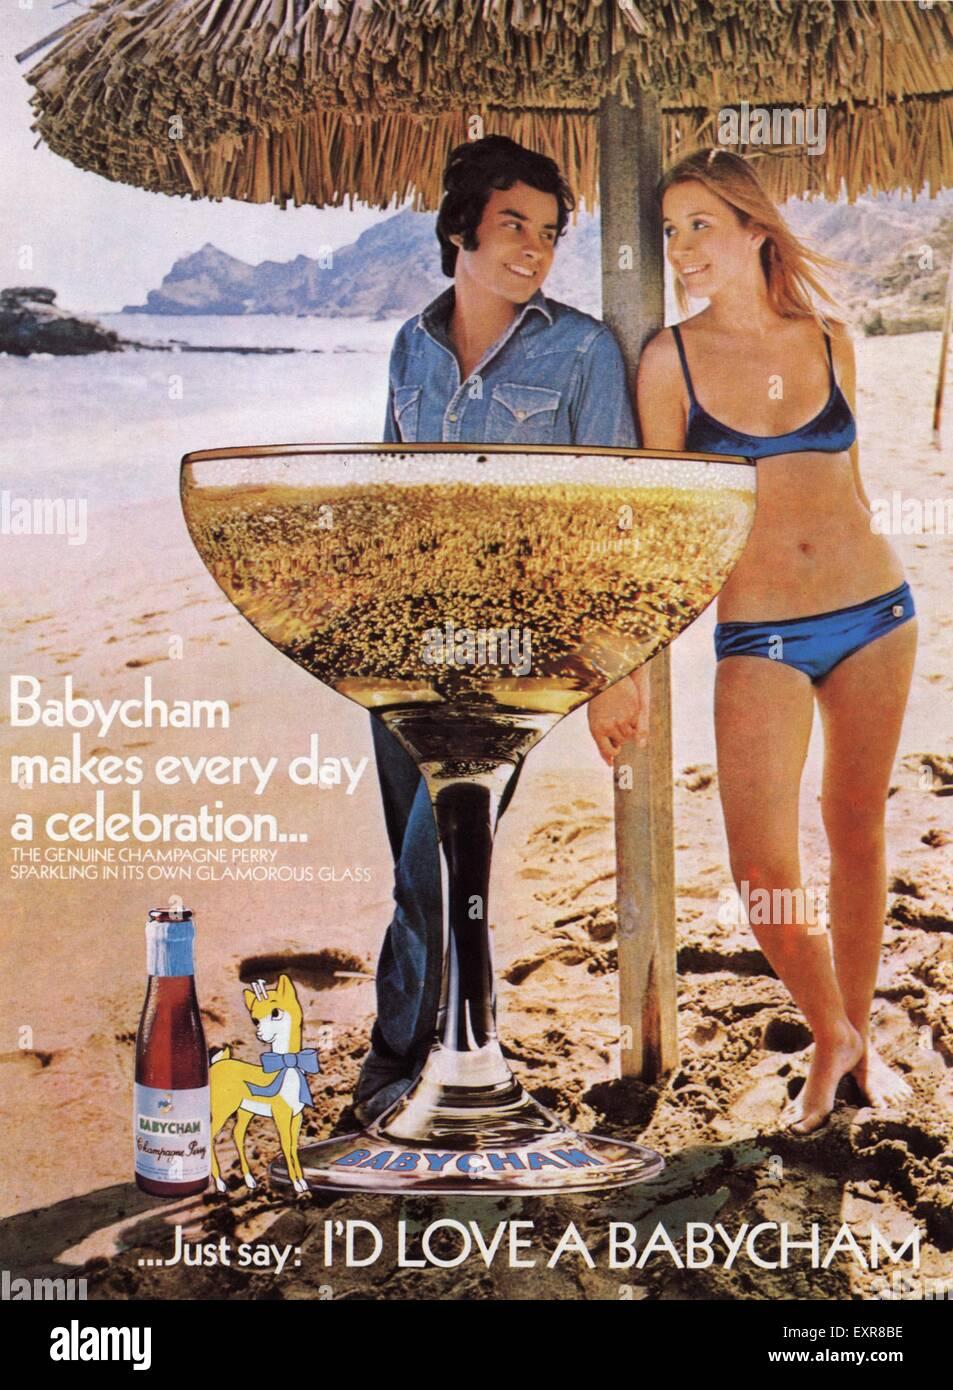 Babycham Advert Glasses